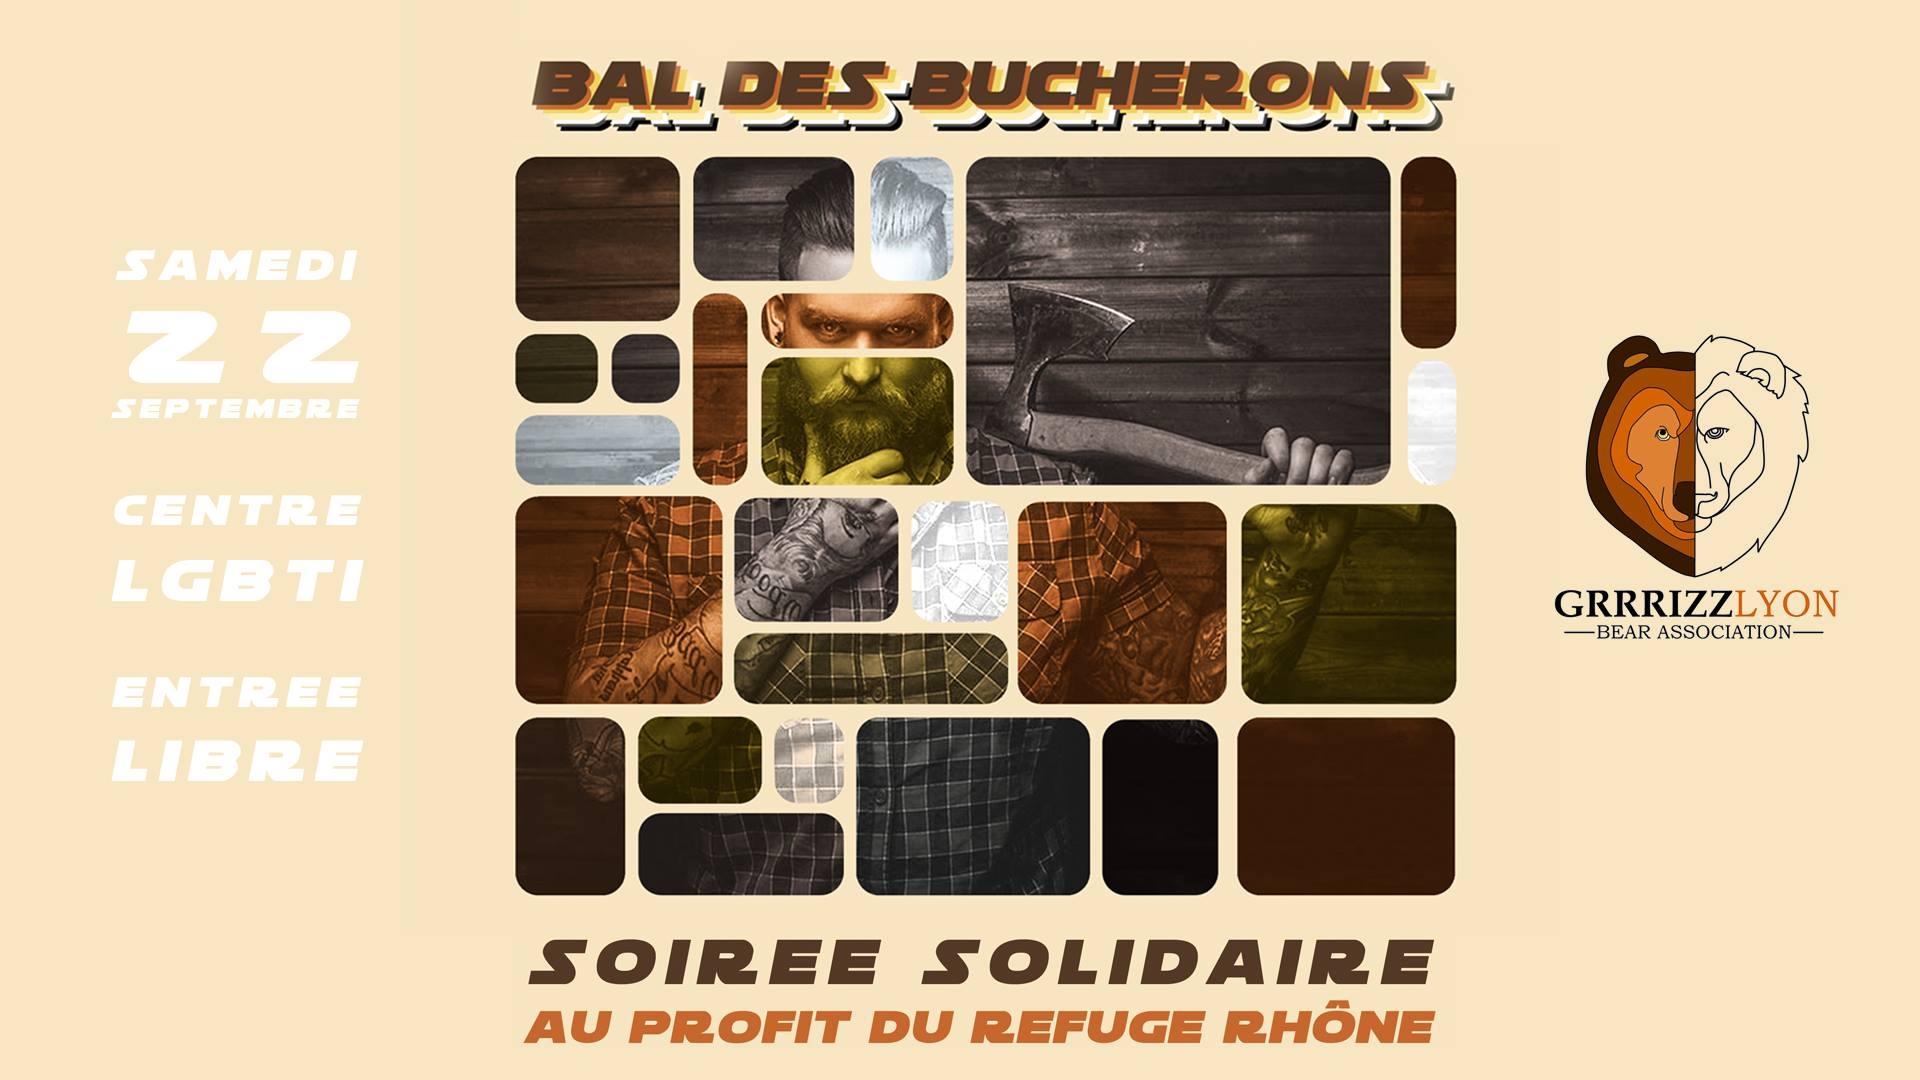 Bal Des Bûcherons Solidaires pour le Refuge, samedi 22 septembre, 22h Centre LGBTI